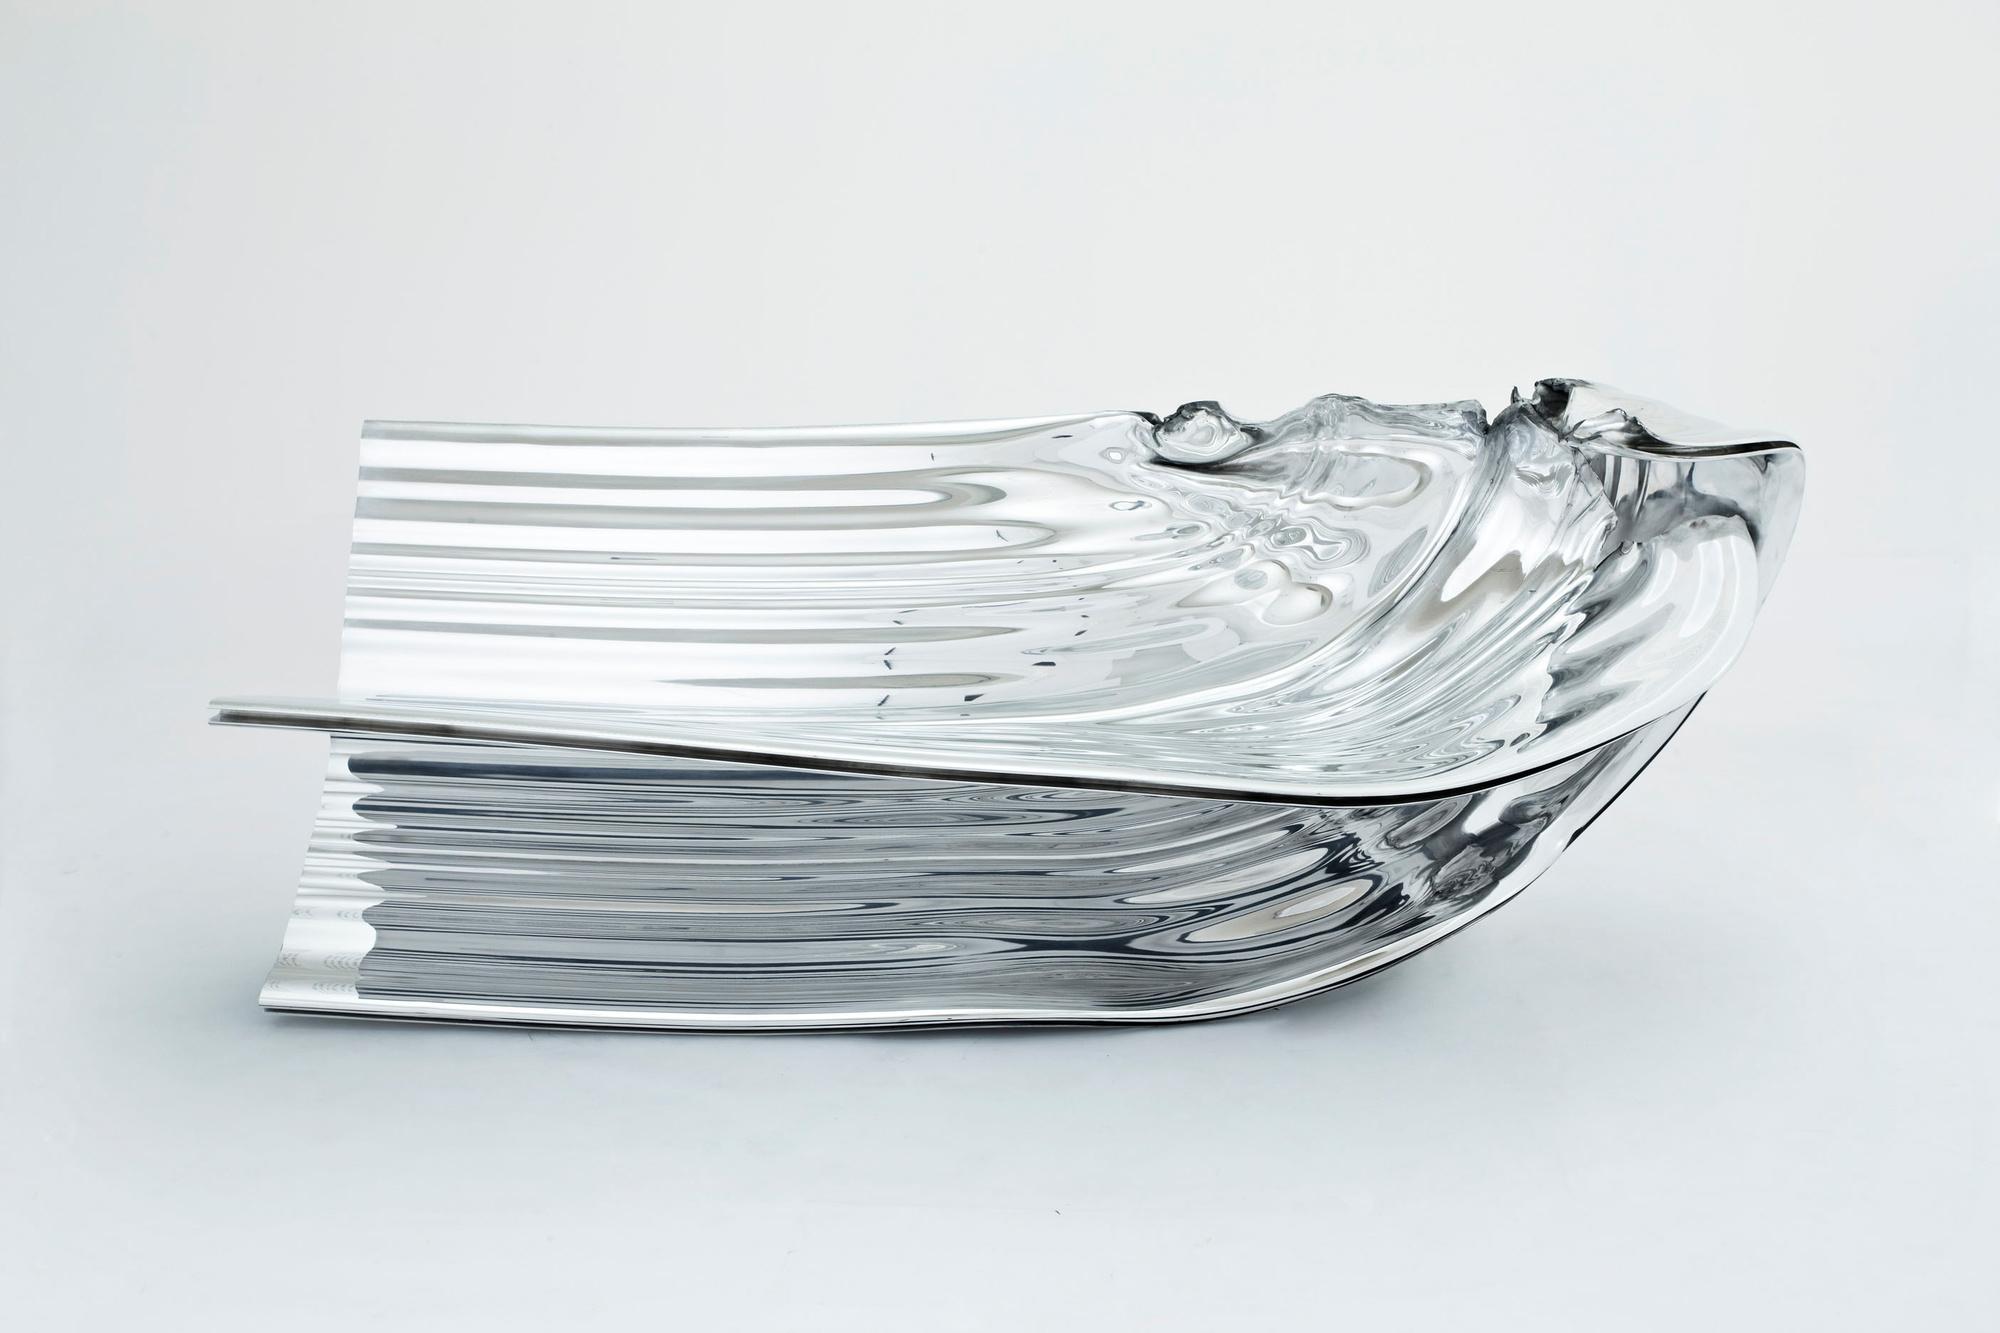 Thomas Heatherwick, Billet 1, Extrusion 1, 2009, Le mobilier d'architectes, 1960-2020, © Cité de l'architecture, Denys Vinson photographe 2019